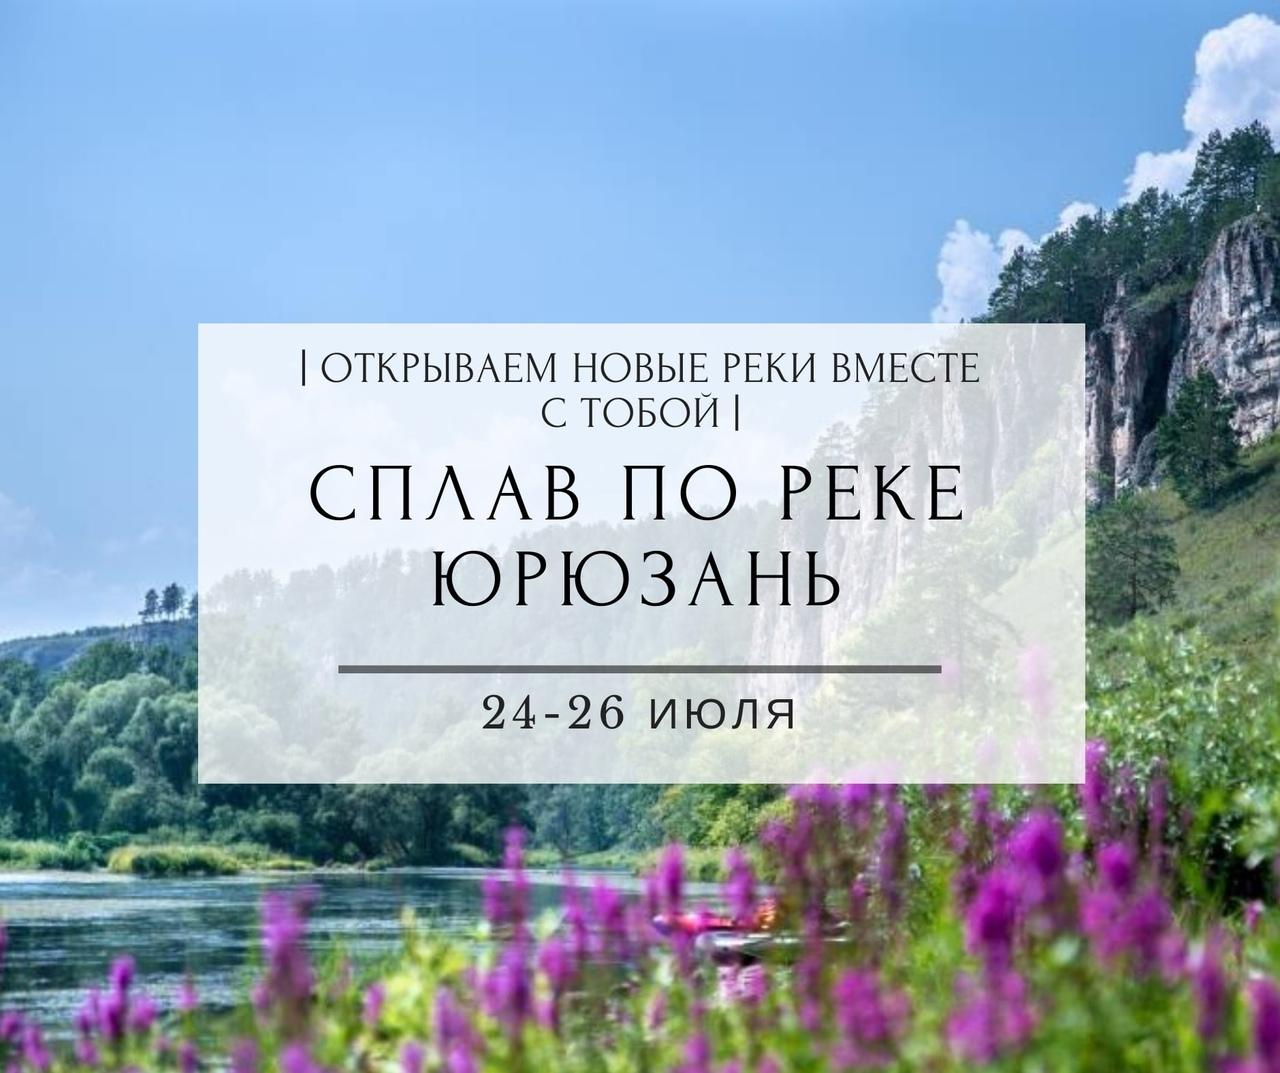 Афиша Тюмень СПЛАВ ПО РЕКЕ ЮРЮЗАНЬ / 24-26 ИЮЛЯ